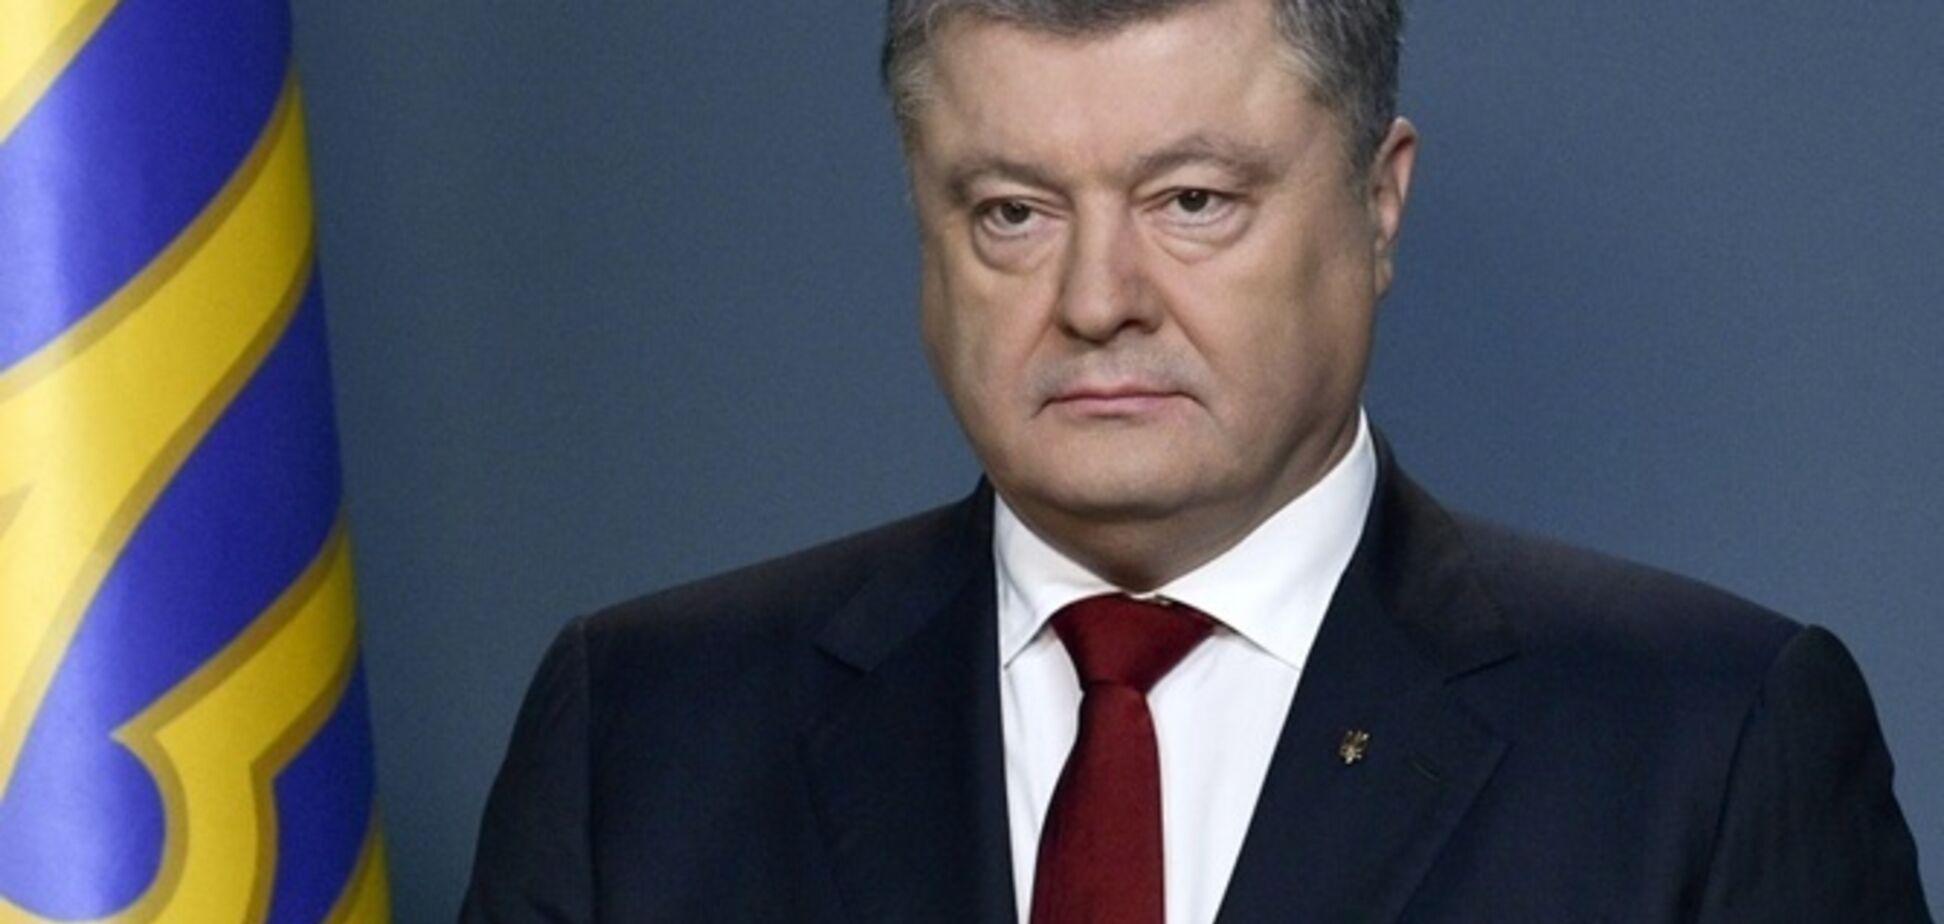 Сегодня Порошенко будет свидетельствовать в суде